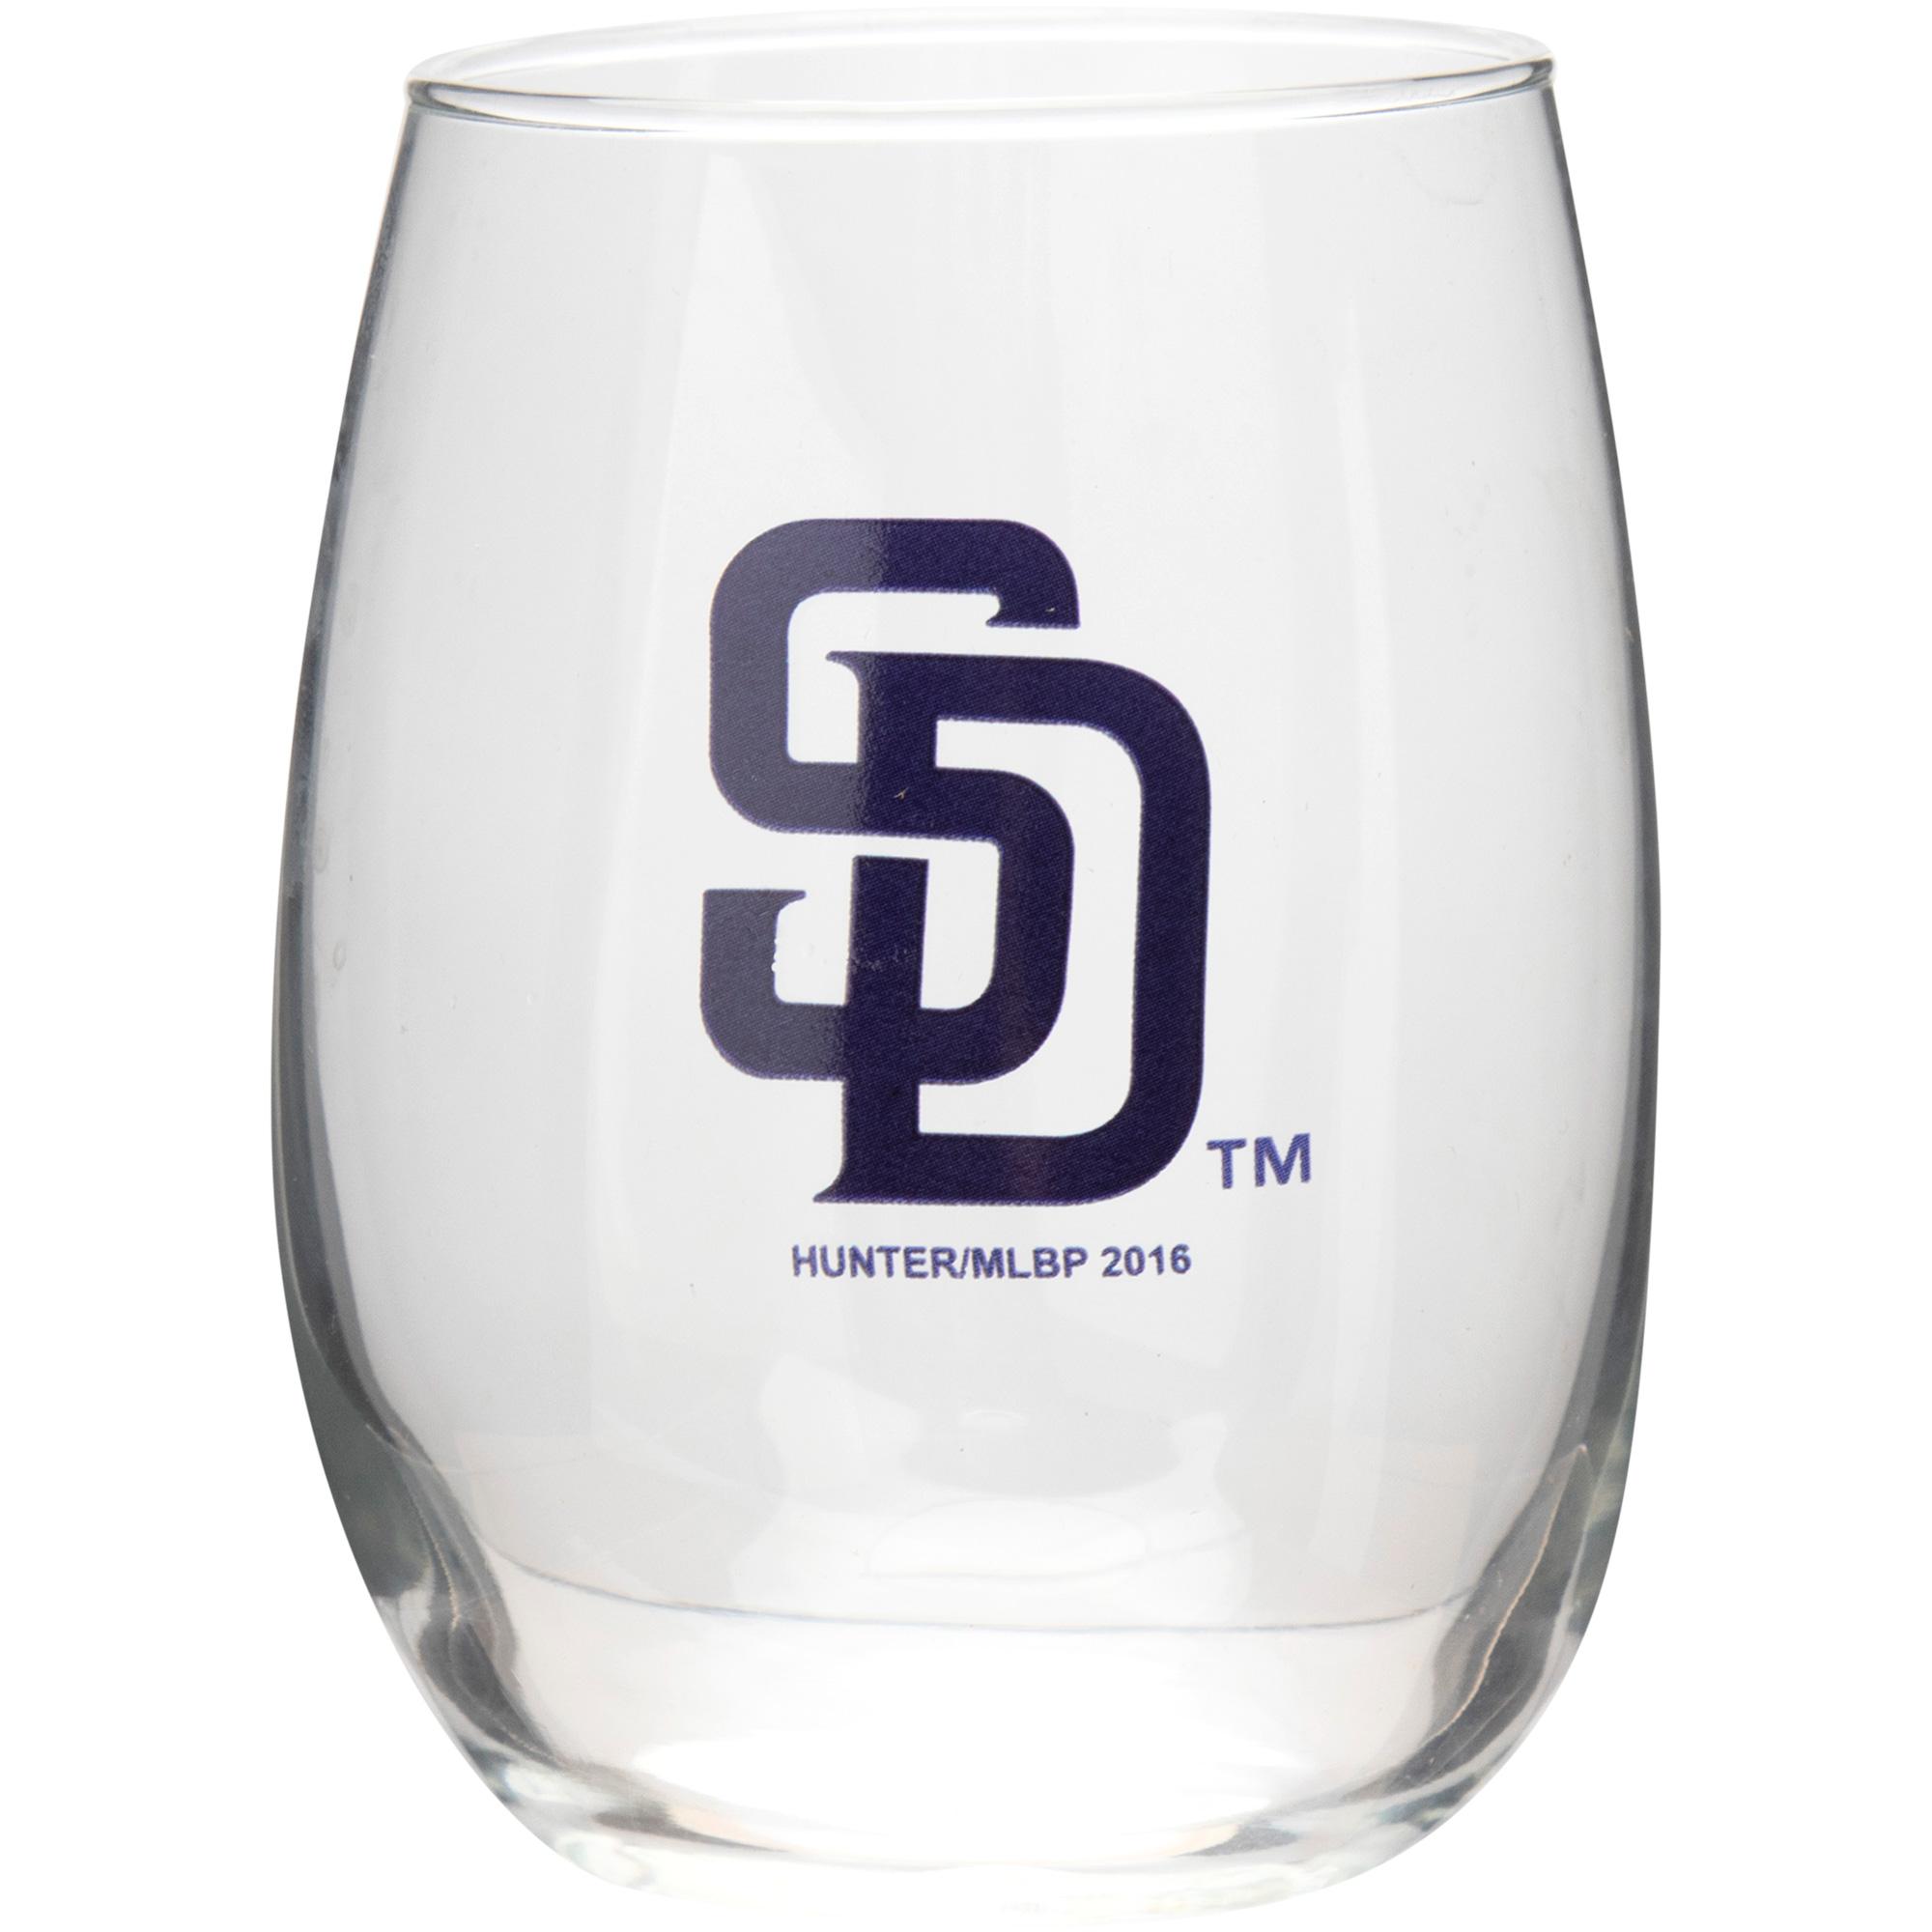 San Diego Padres 15oz. Stemless Wine Glass - No Size